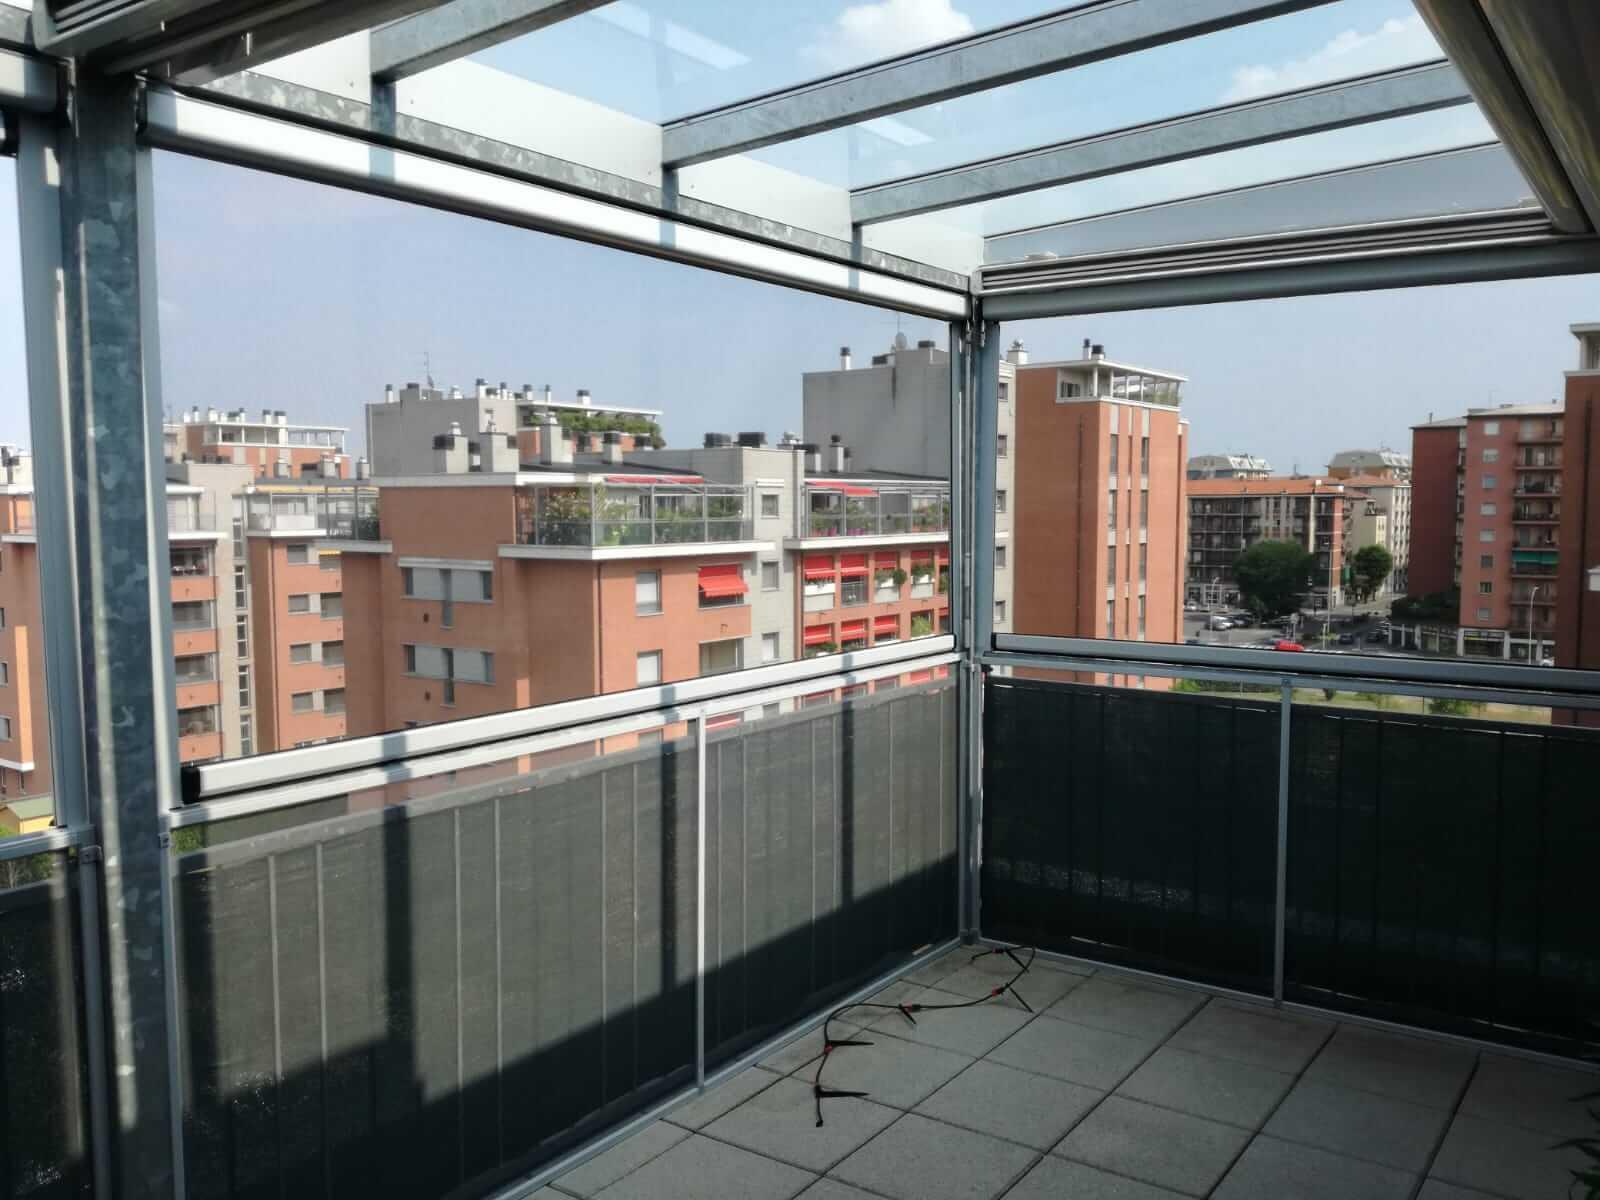 Copertura di terrazzo con zanzariere - Milano - 2